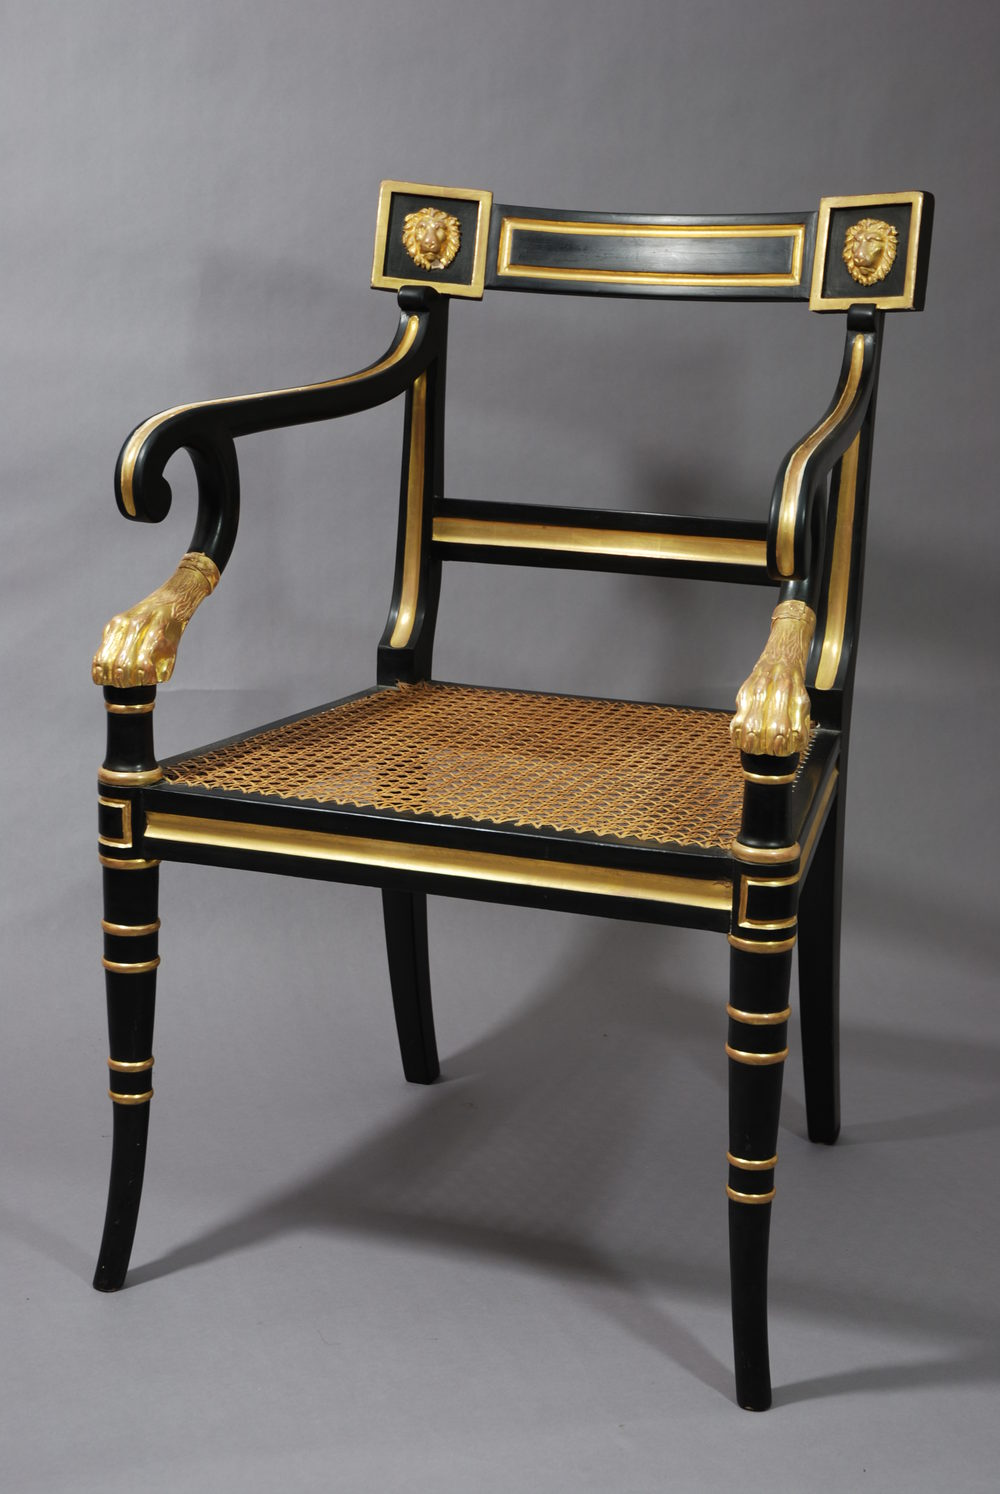 Regency Style Chairs ~ Antiques atlas regency style open armchair